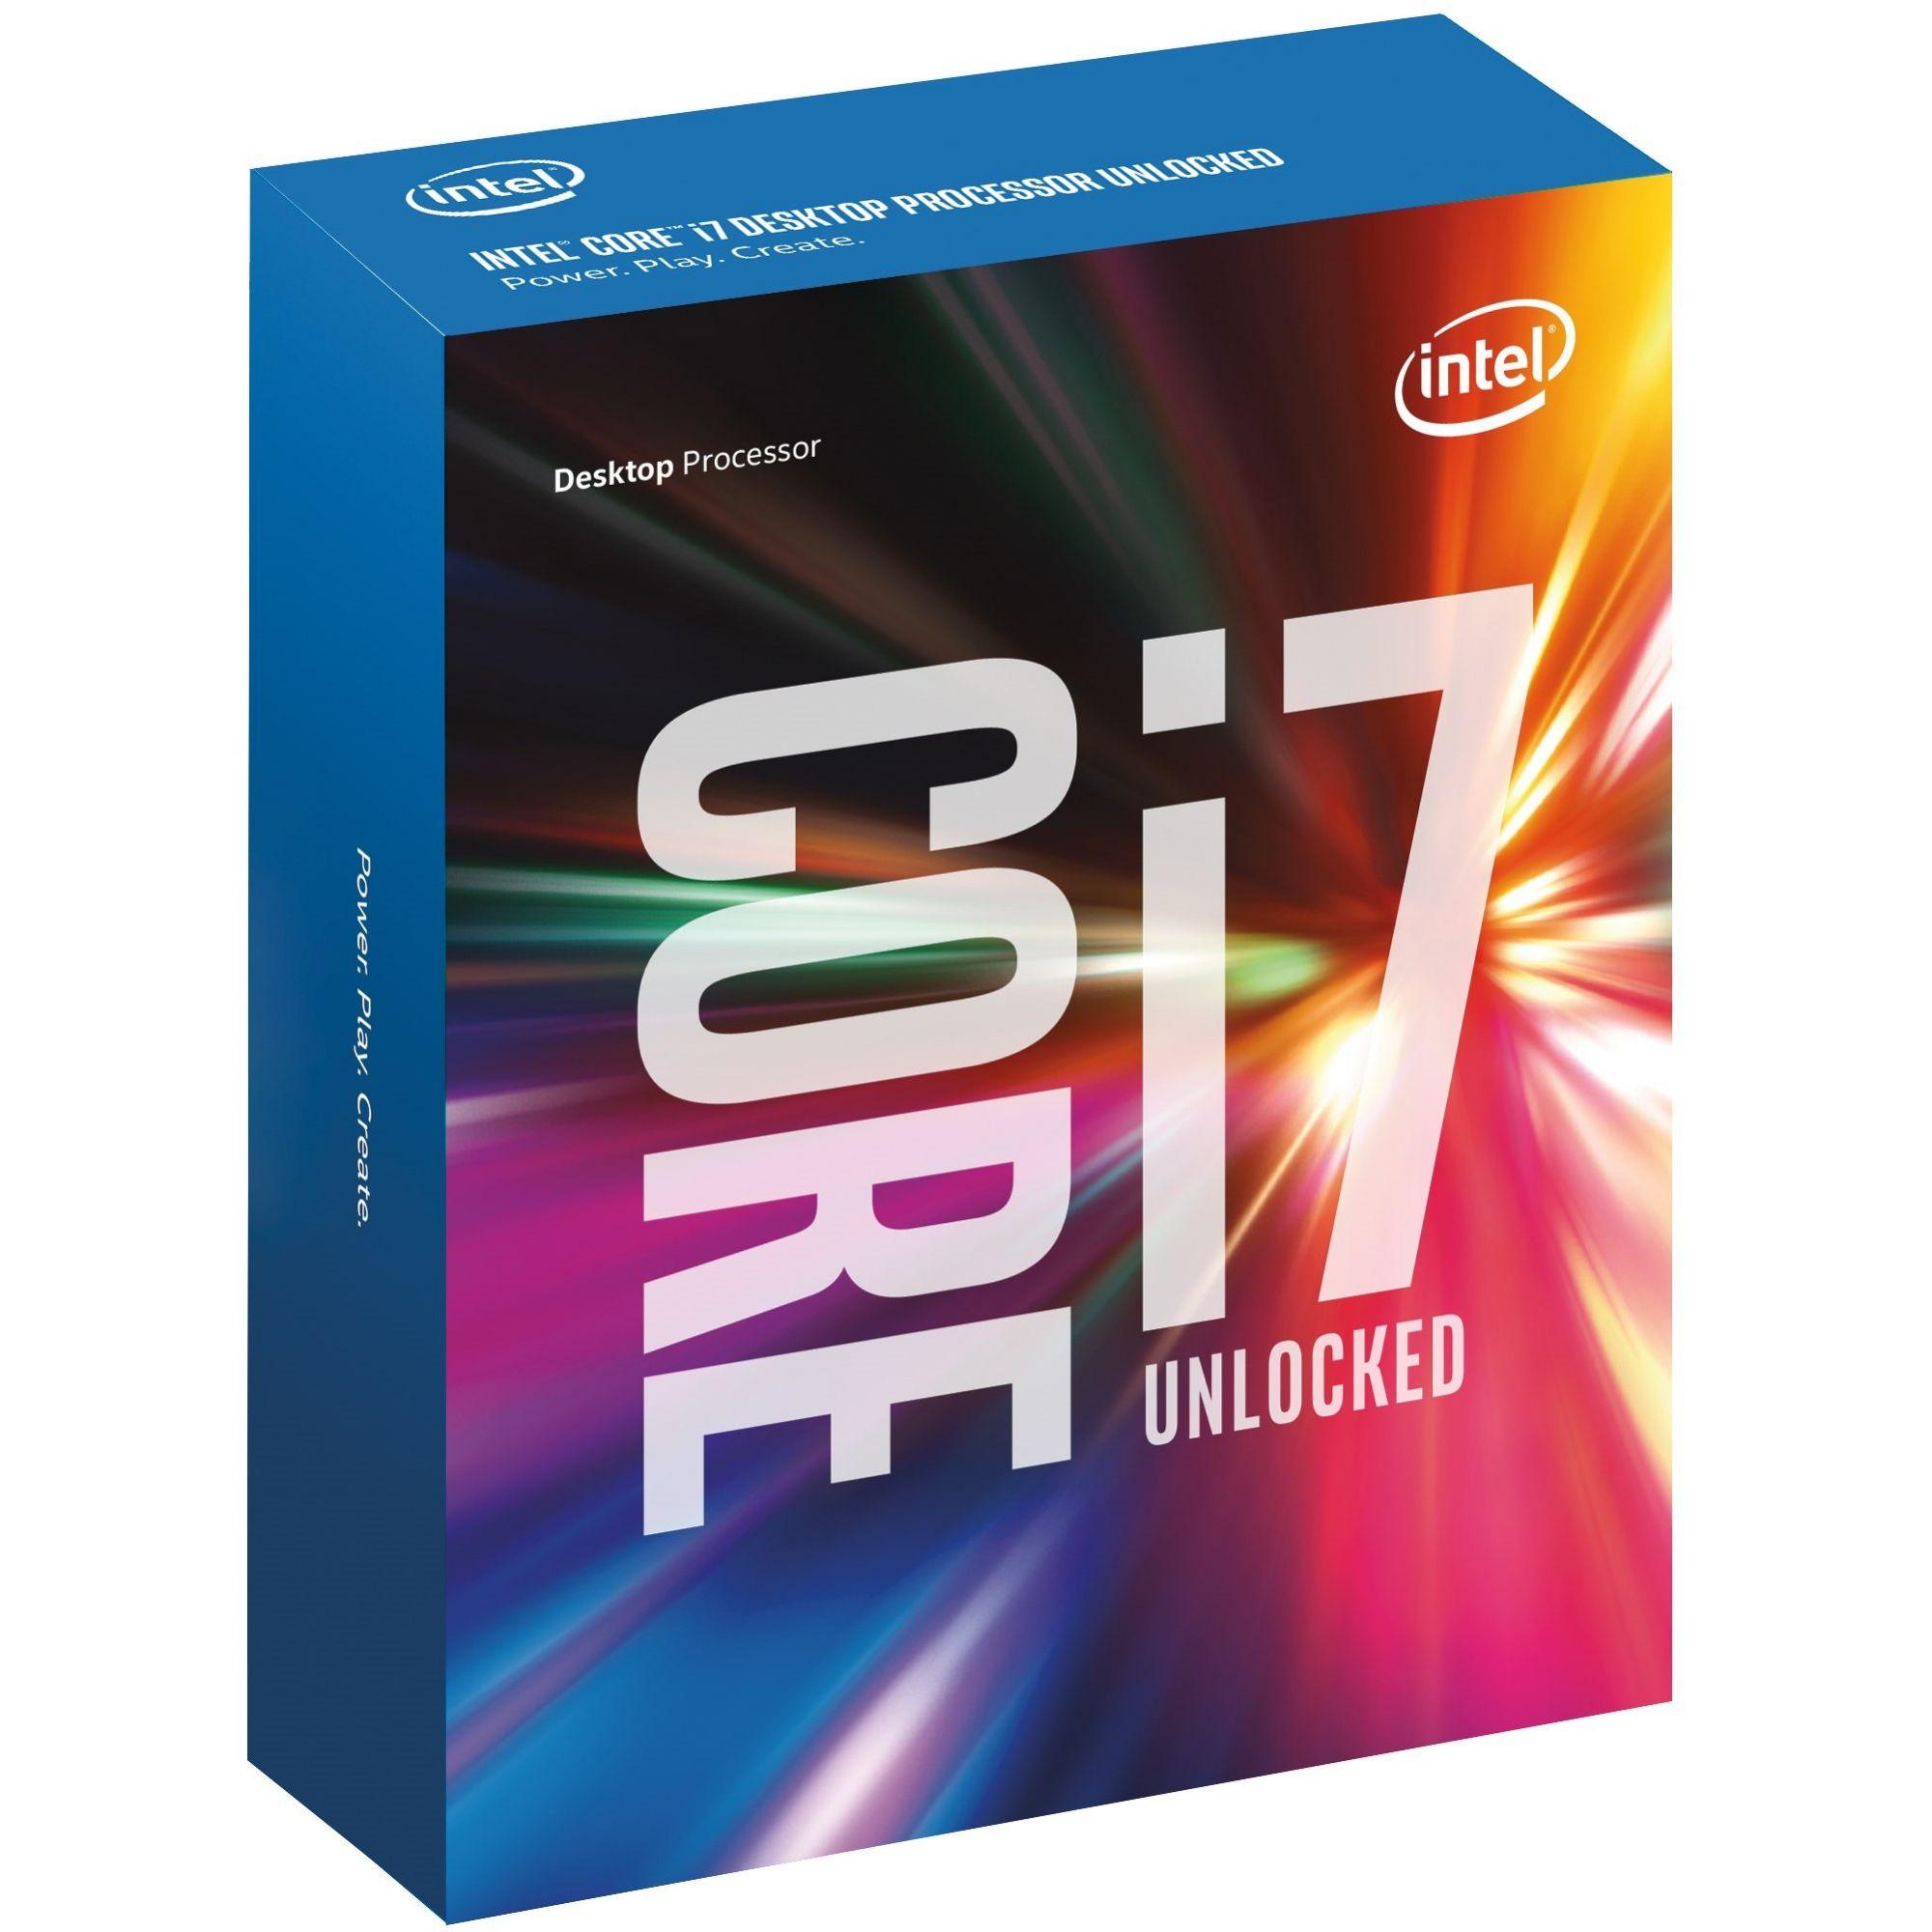 Processador INTEL I7 7700K Core 1151 4.20 GHZ BOX 7A GER